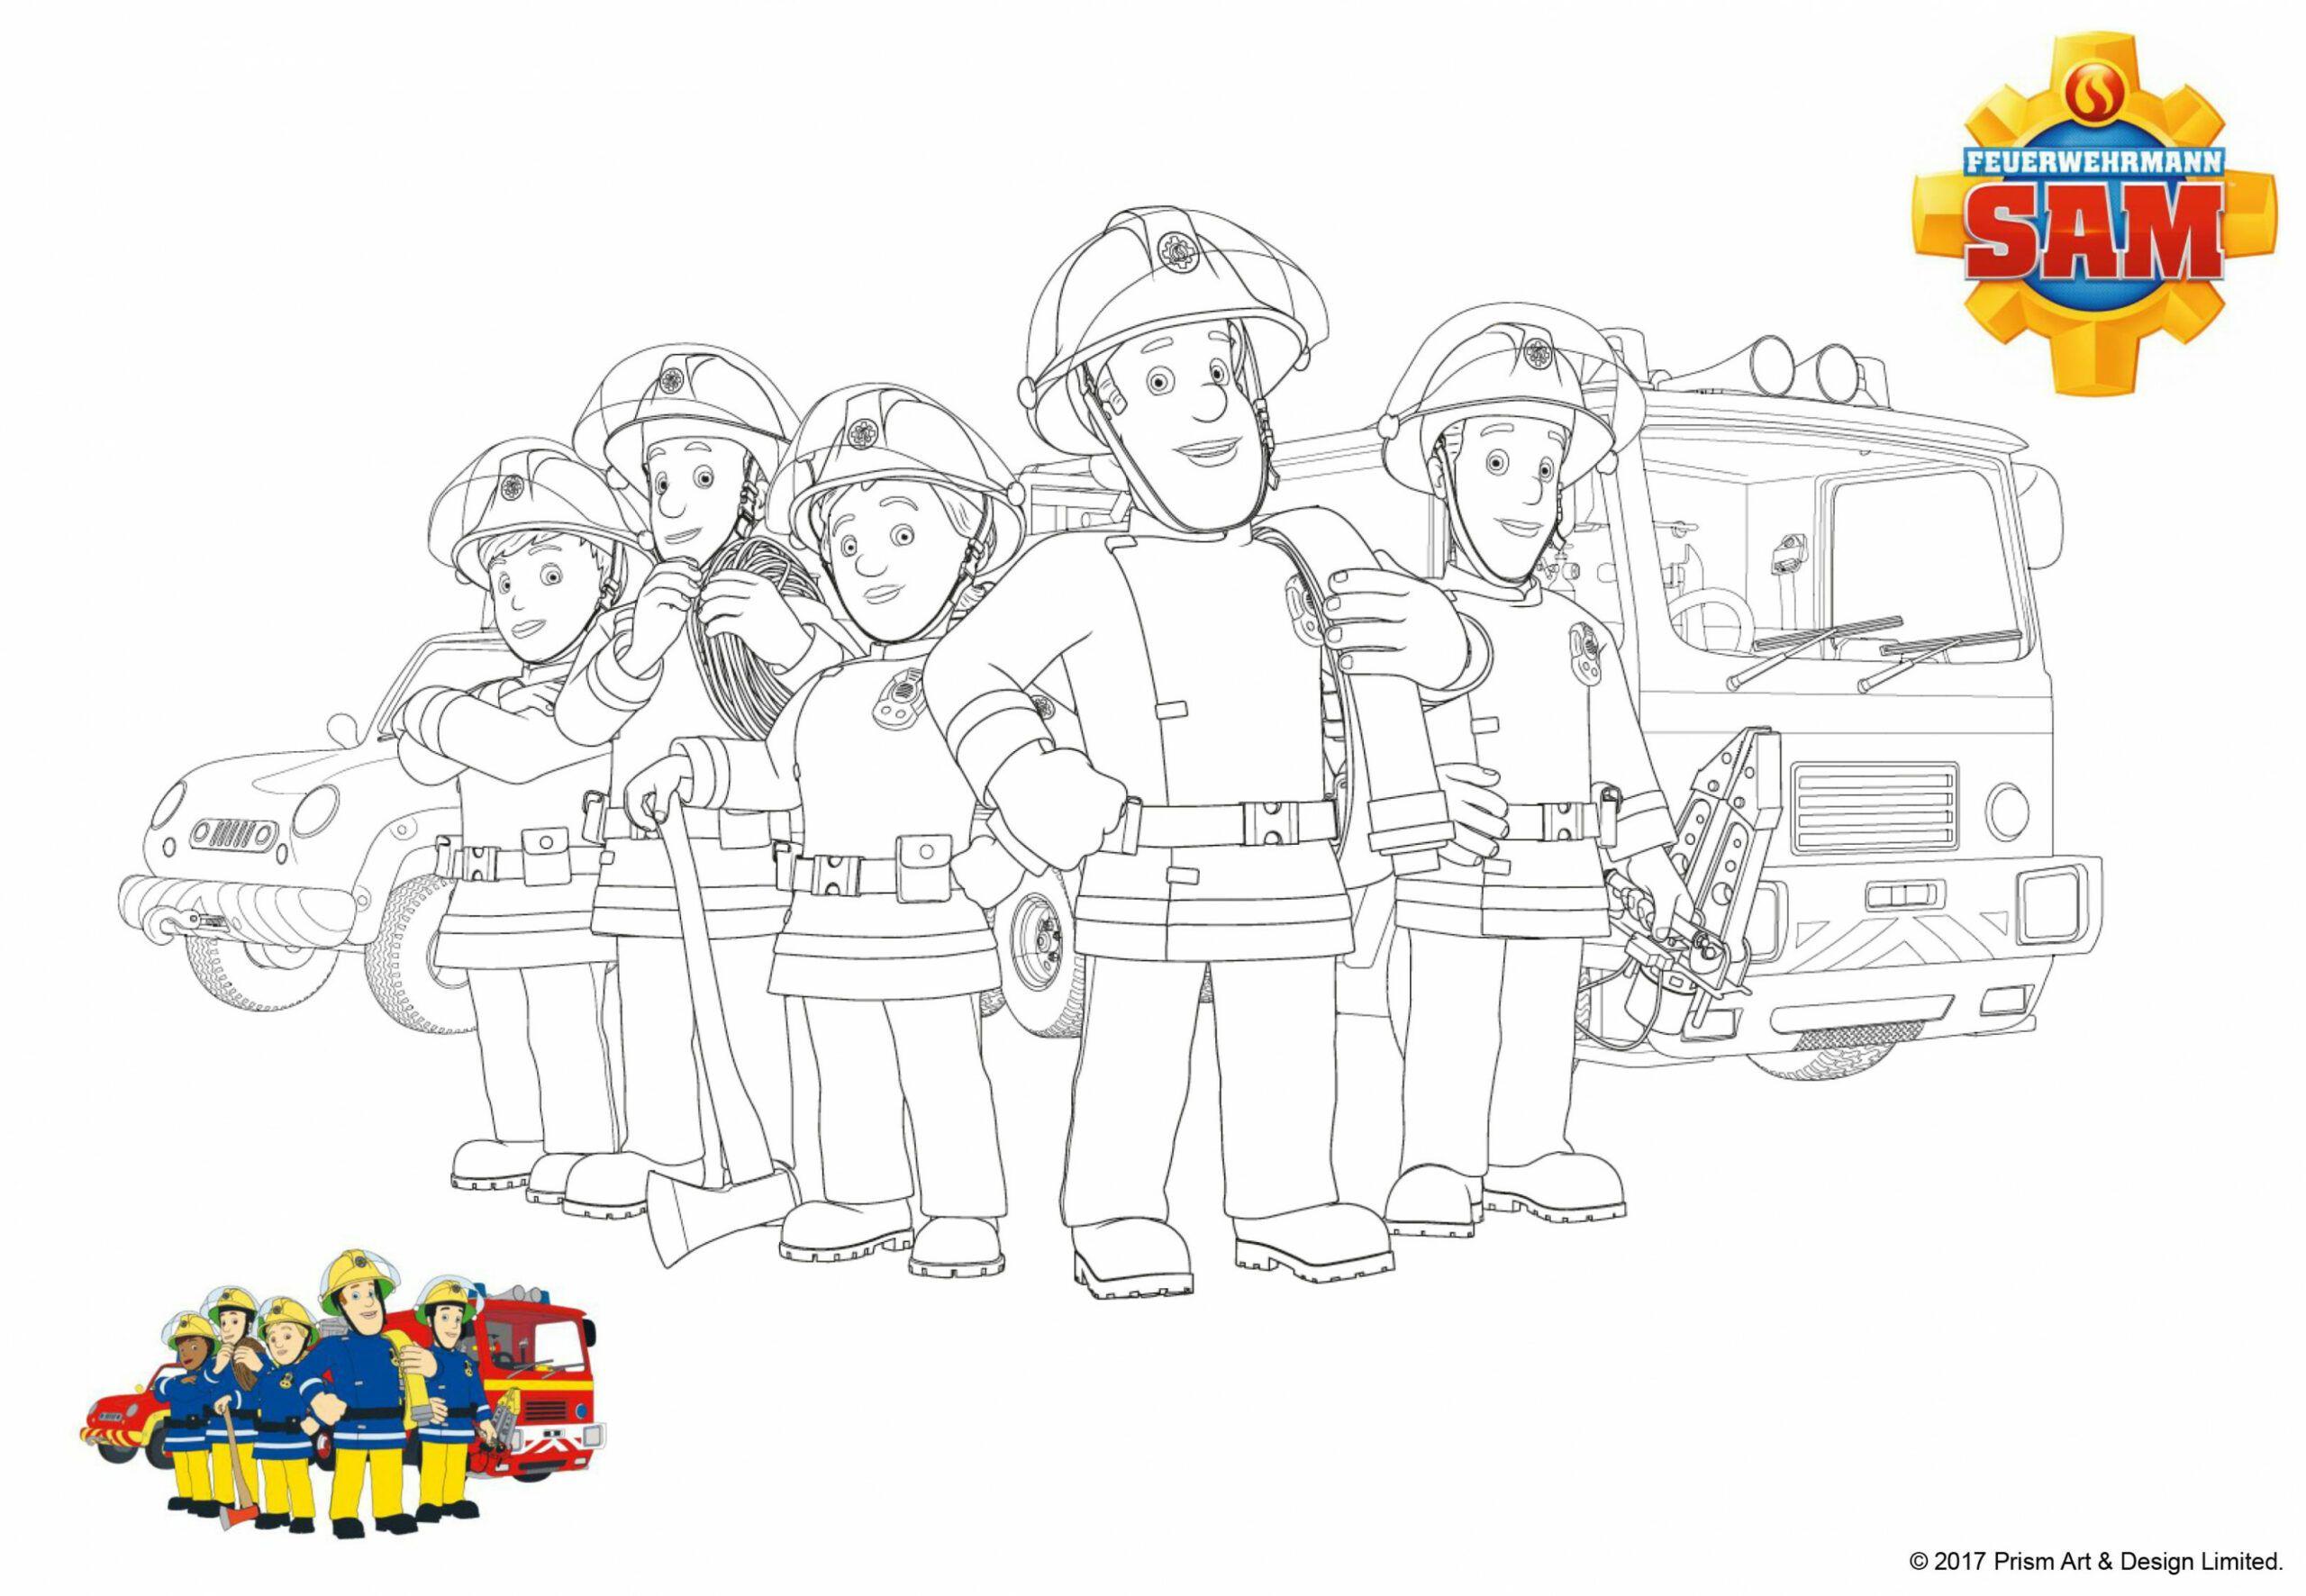 Ausmalbilder Feuerwehrmann Sam Jupiter In 2020 Ausmalbilder Feuerwehrmann Sam Feuerwehrmann Sam Feuerwehrmann